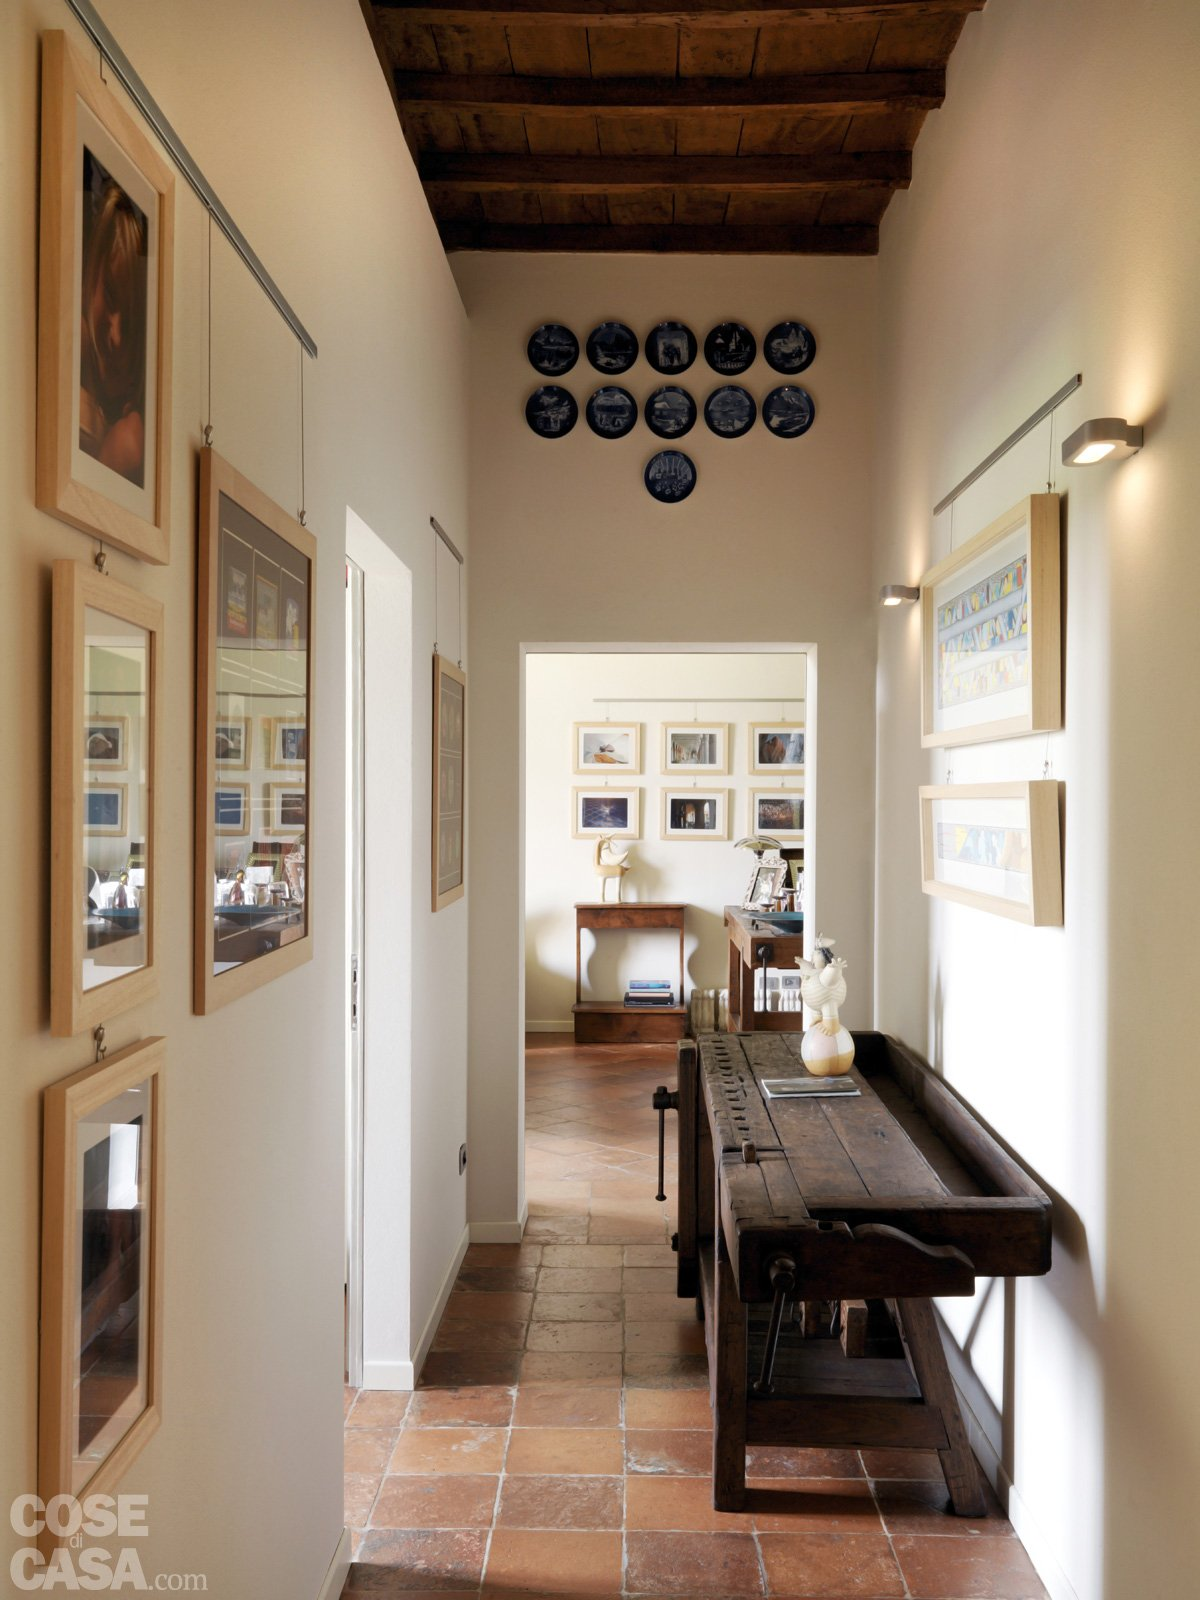 Mobili delle antiche sale da pranzo romane design casa for Casa classica tarba